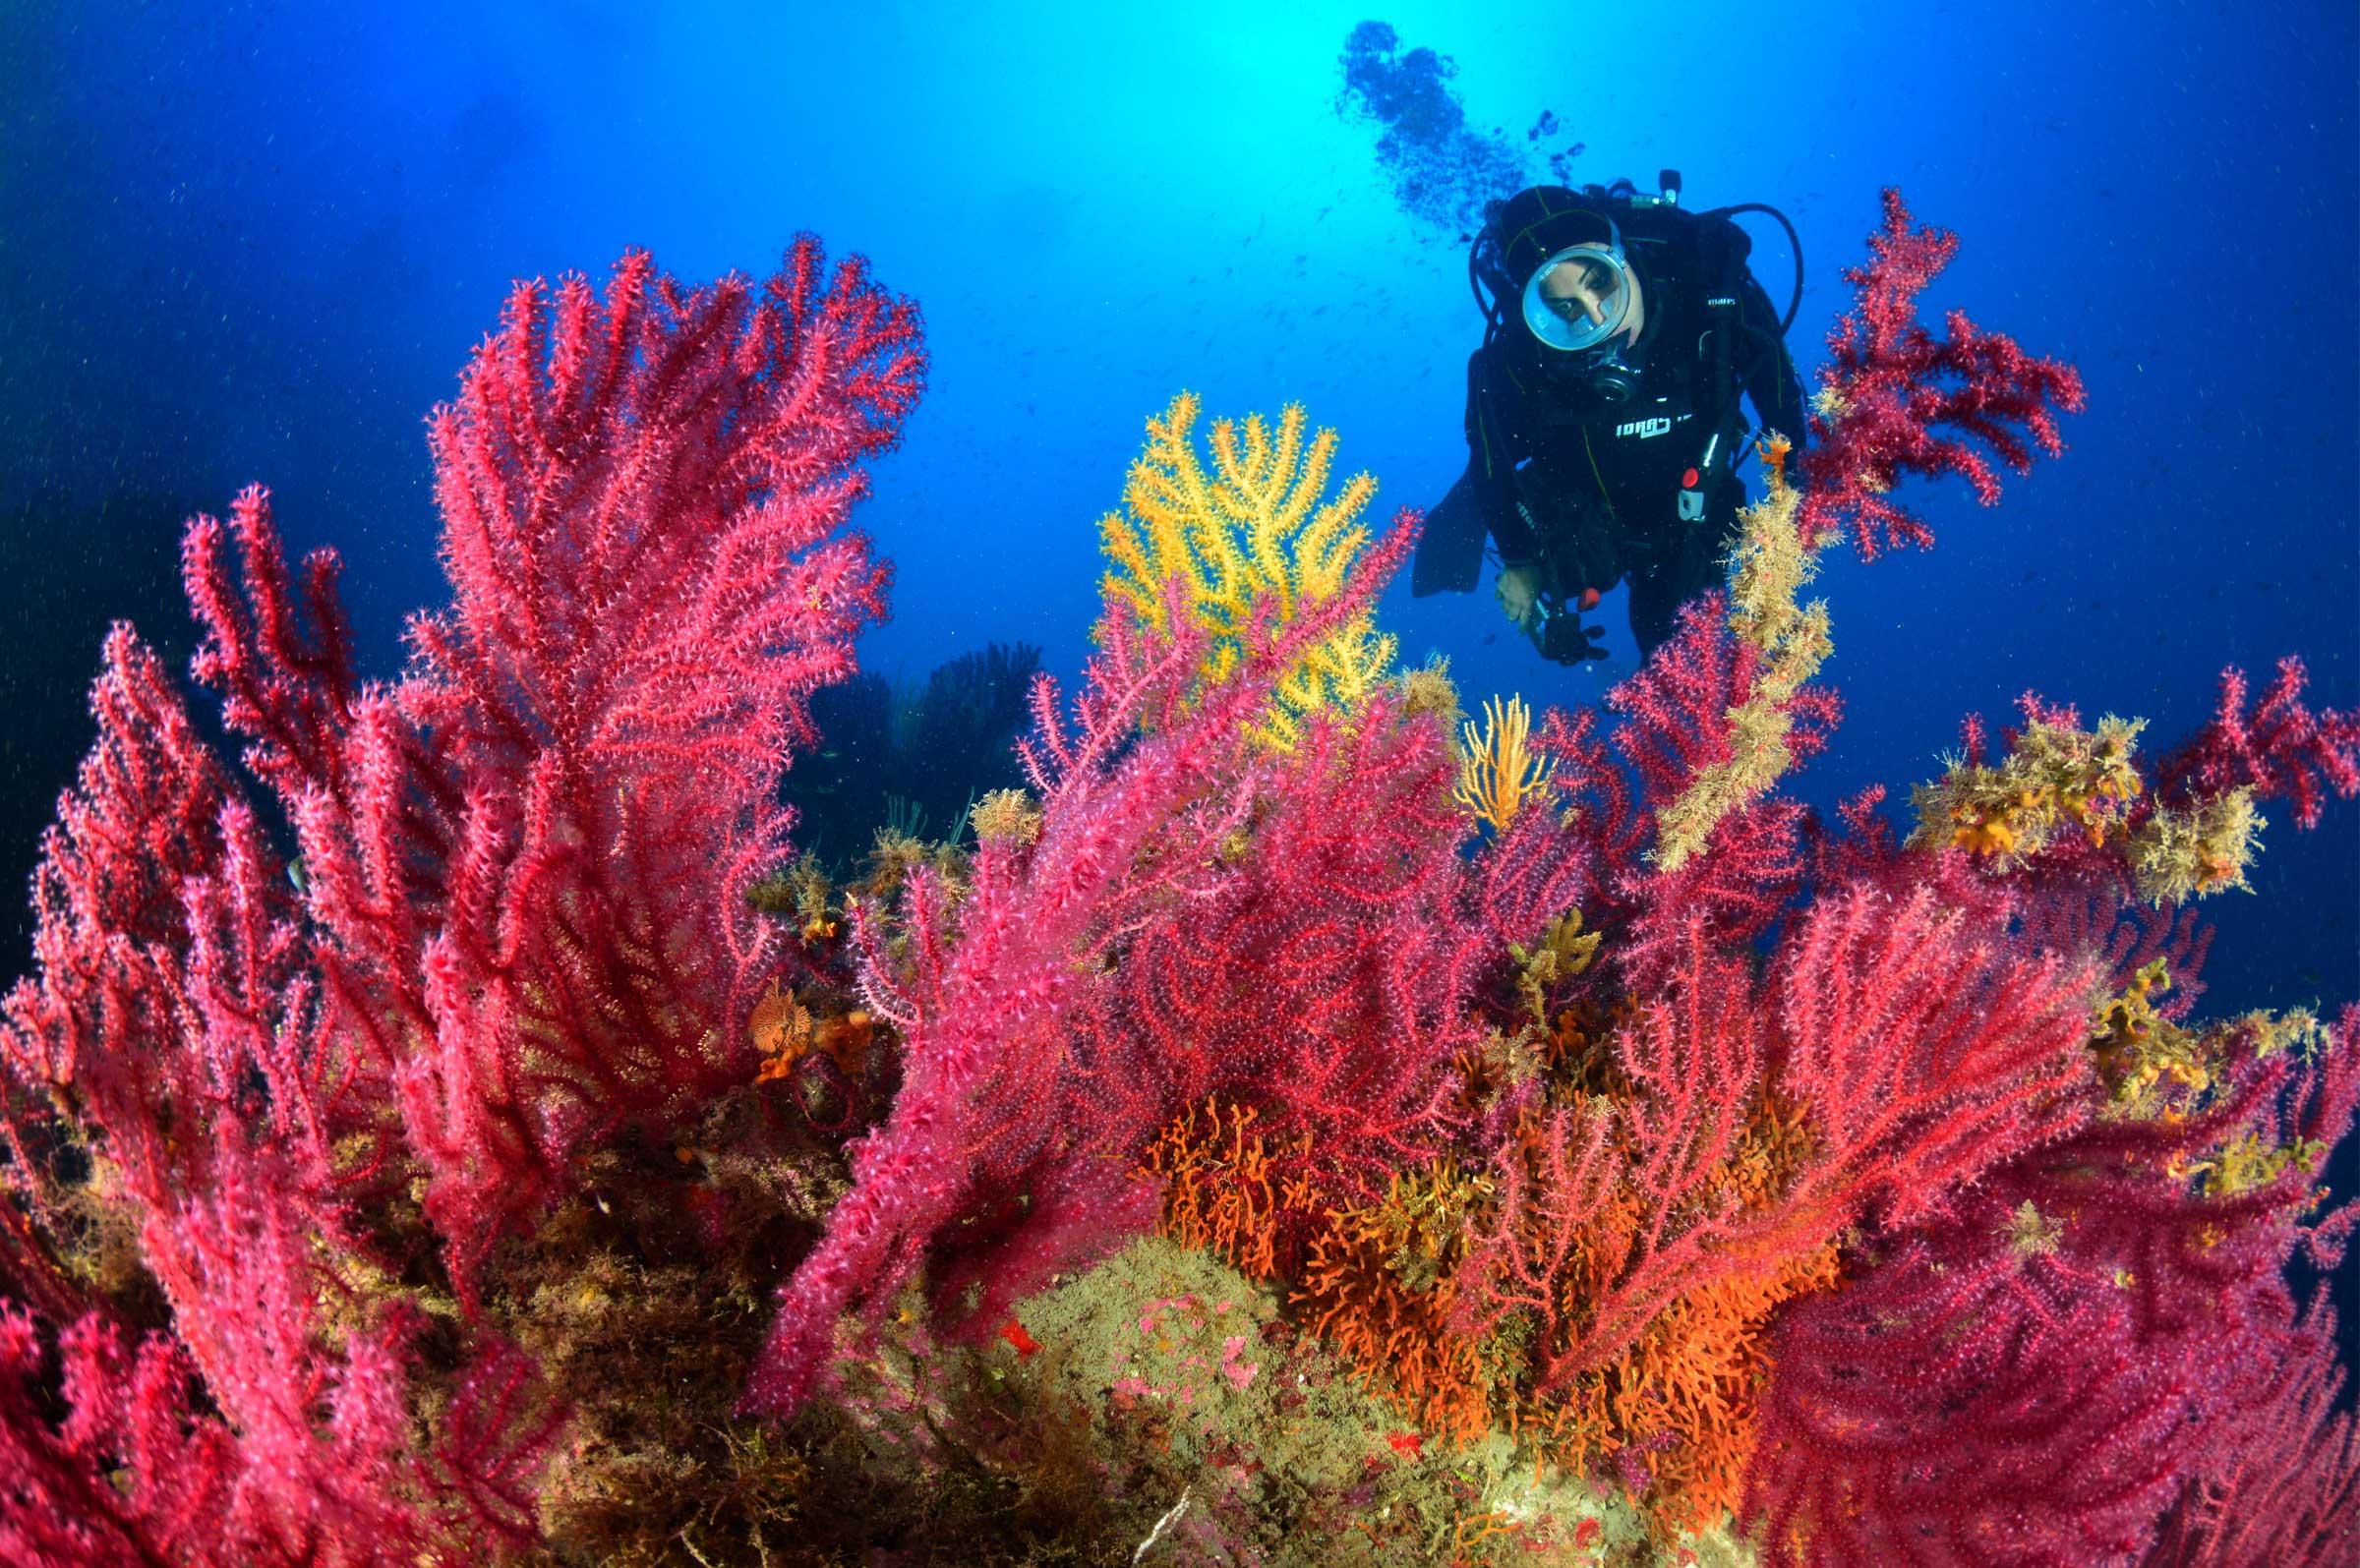 Escursioni Milazzo e Isole eolie terrestri e marine-Scoglio della portella-Blunauta Diving Center